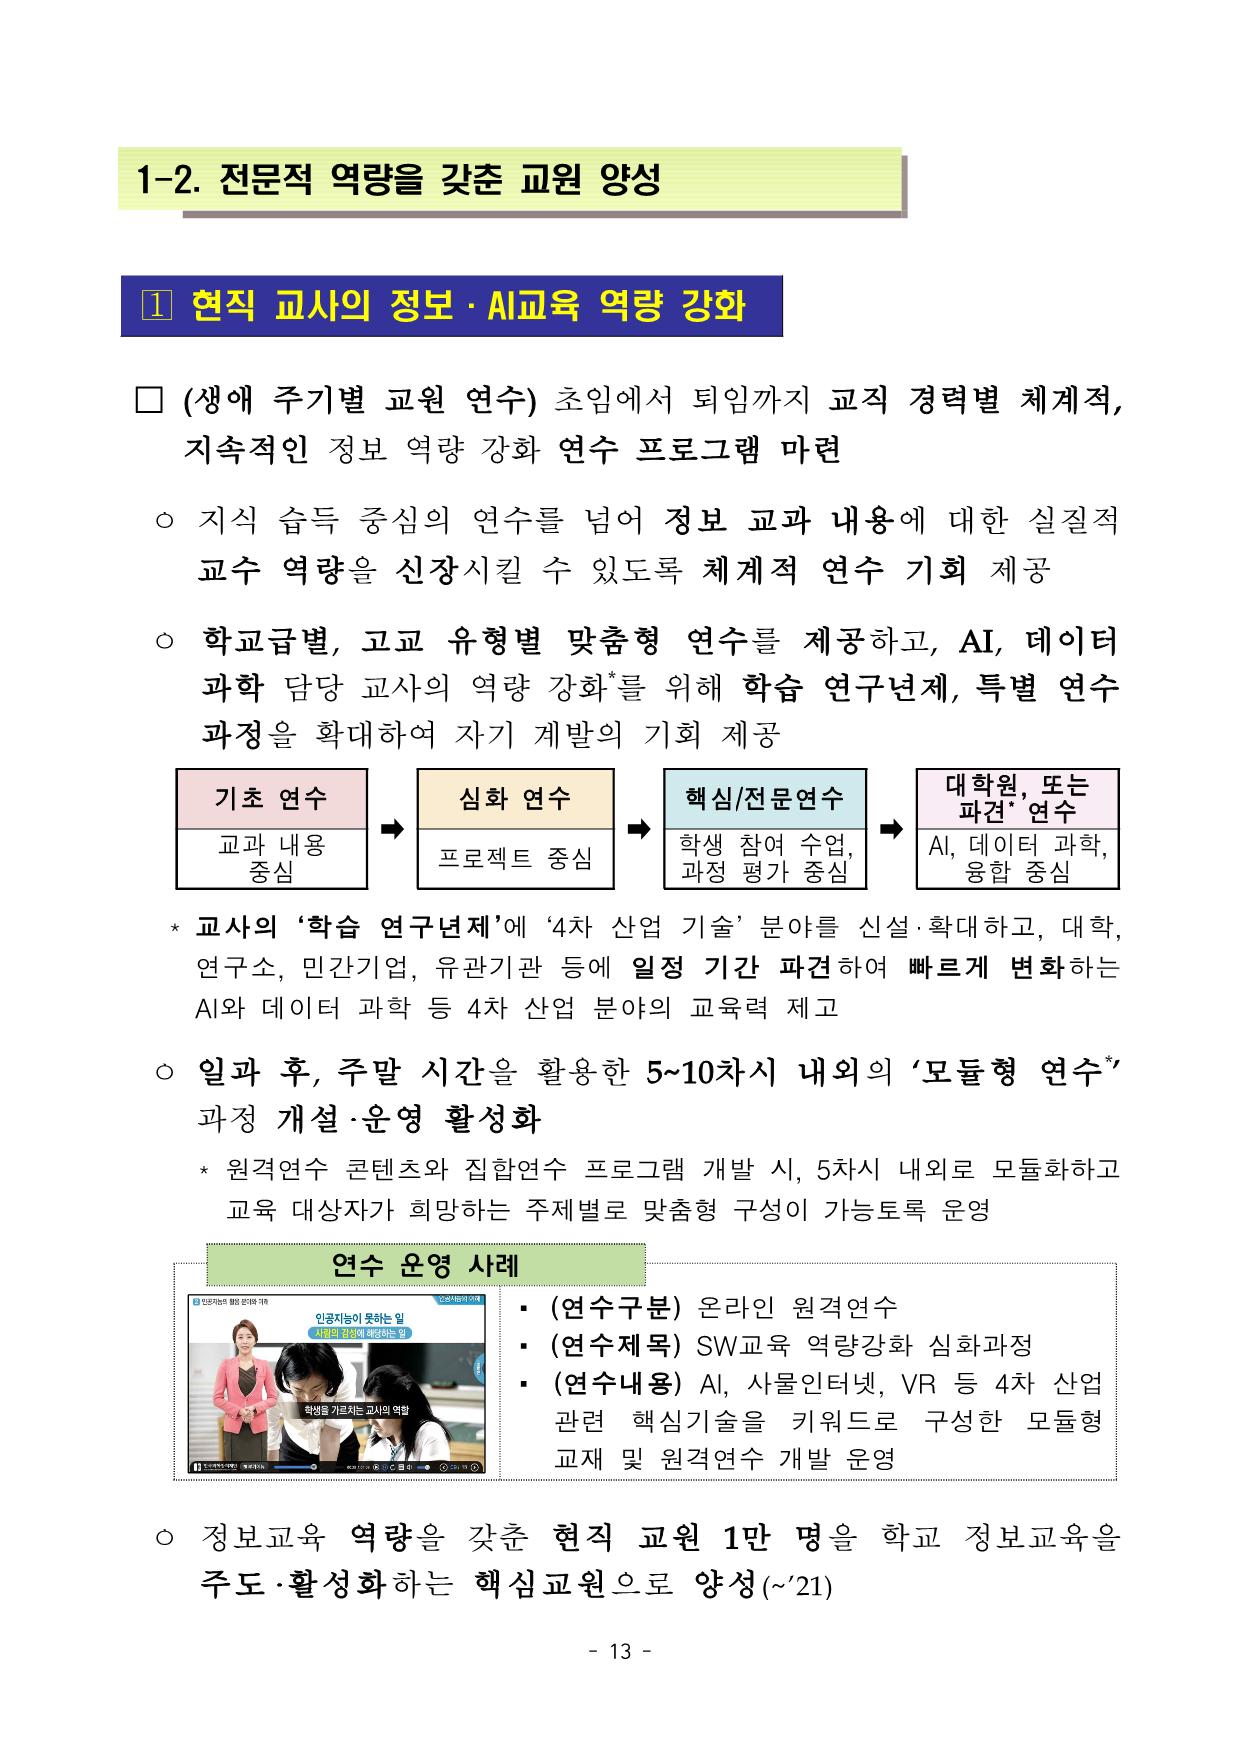 붙임 2-3. 정보교육 종합계획(안)_15.png